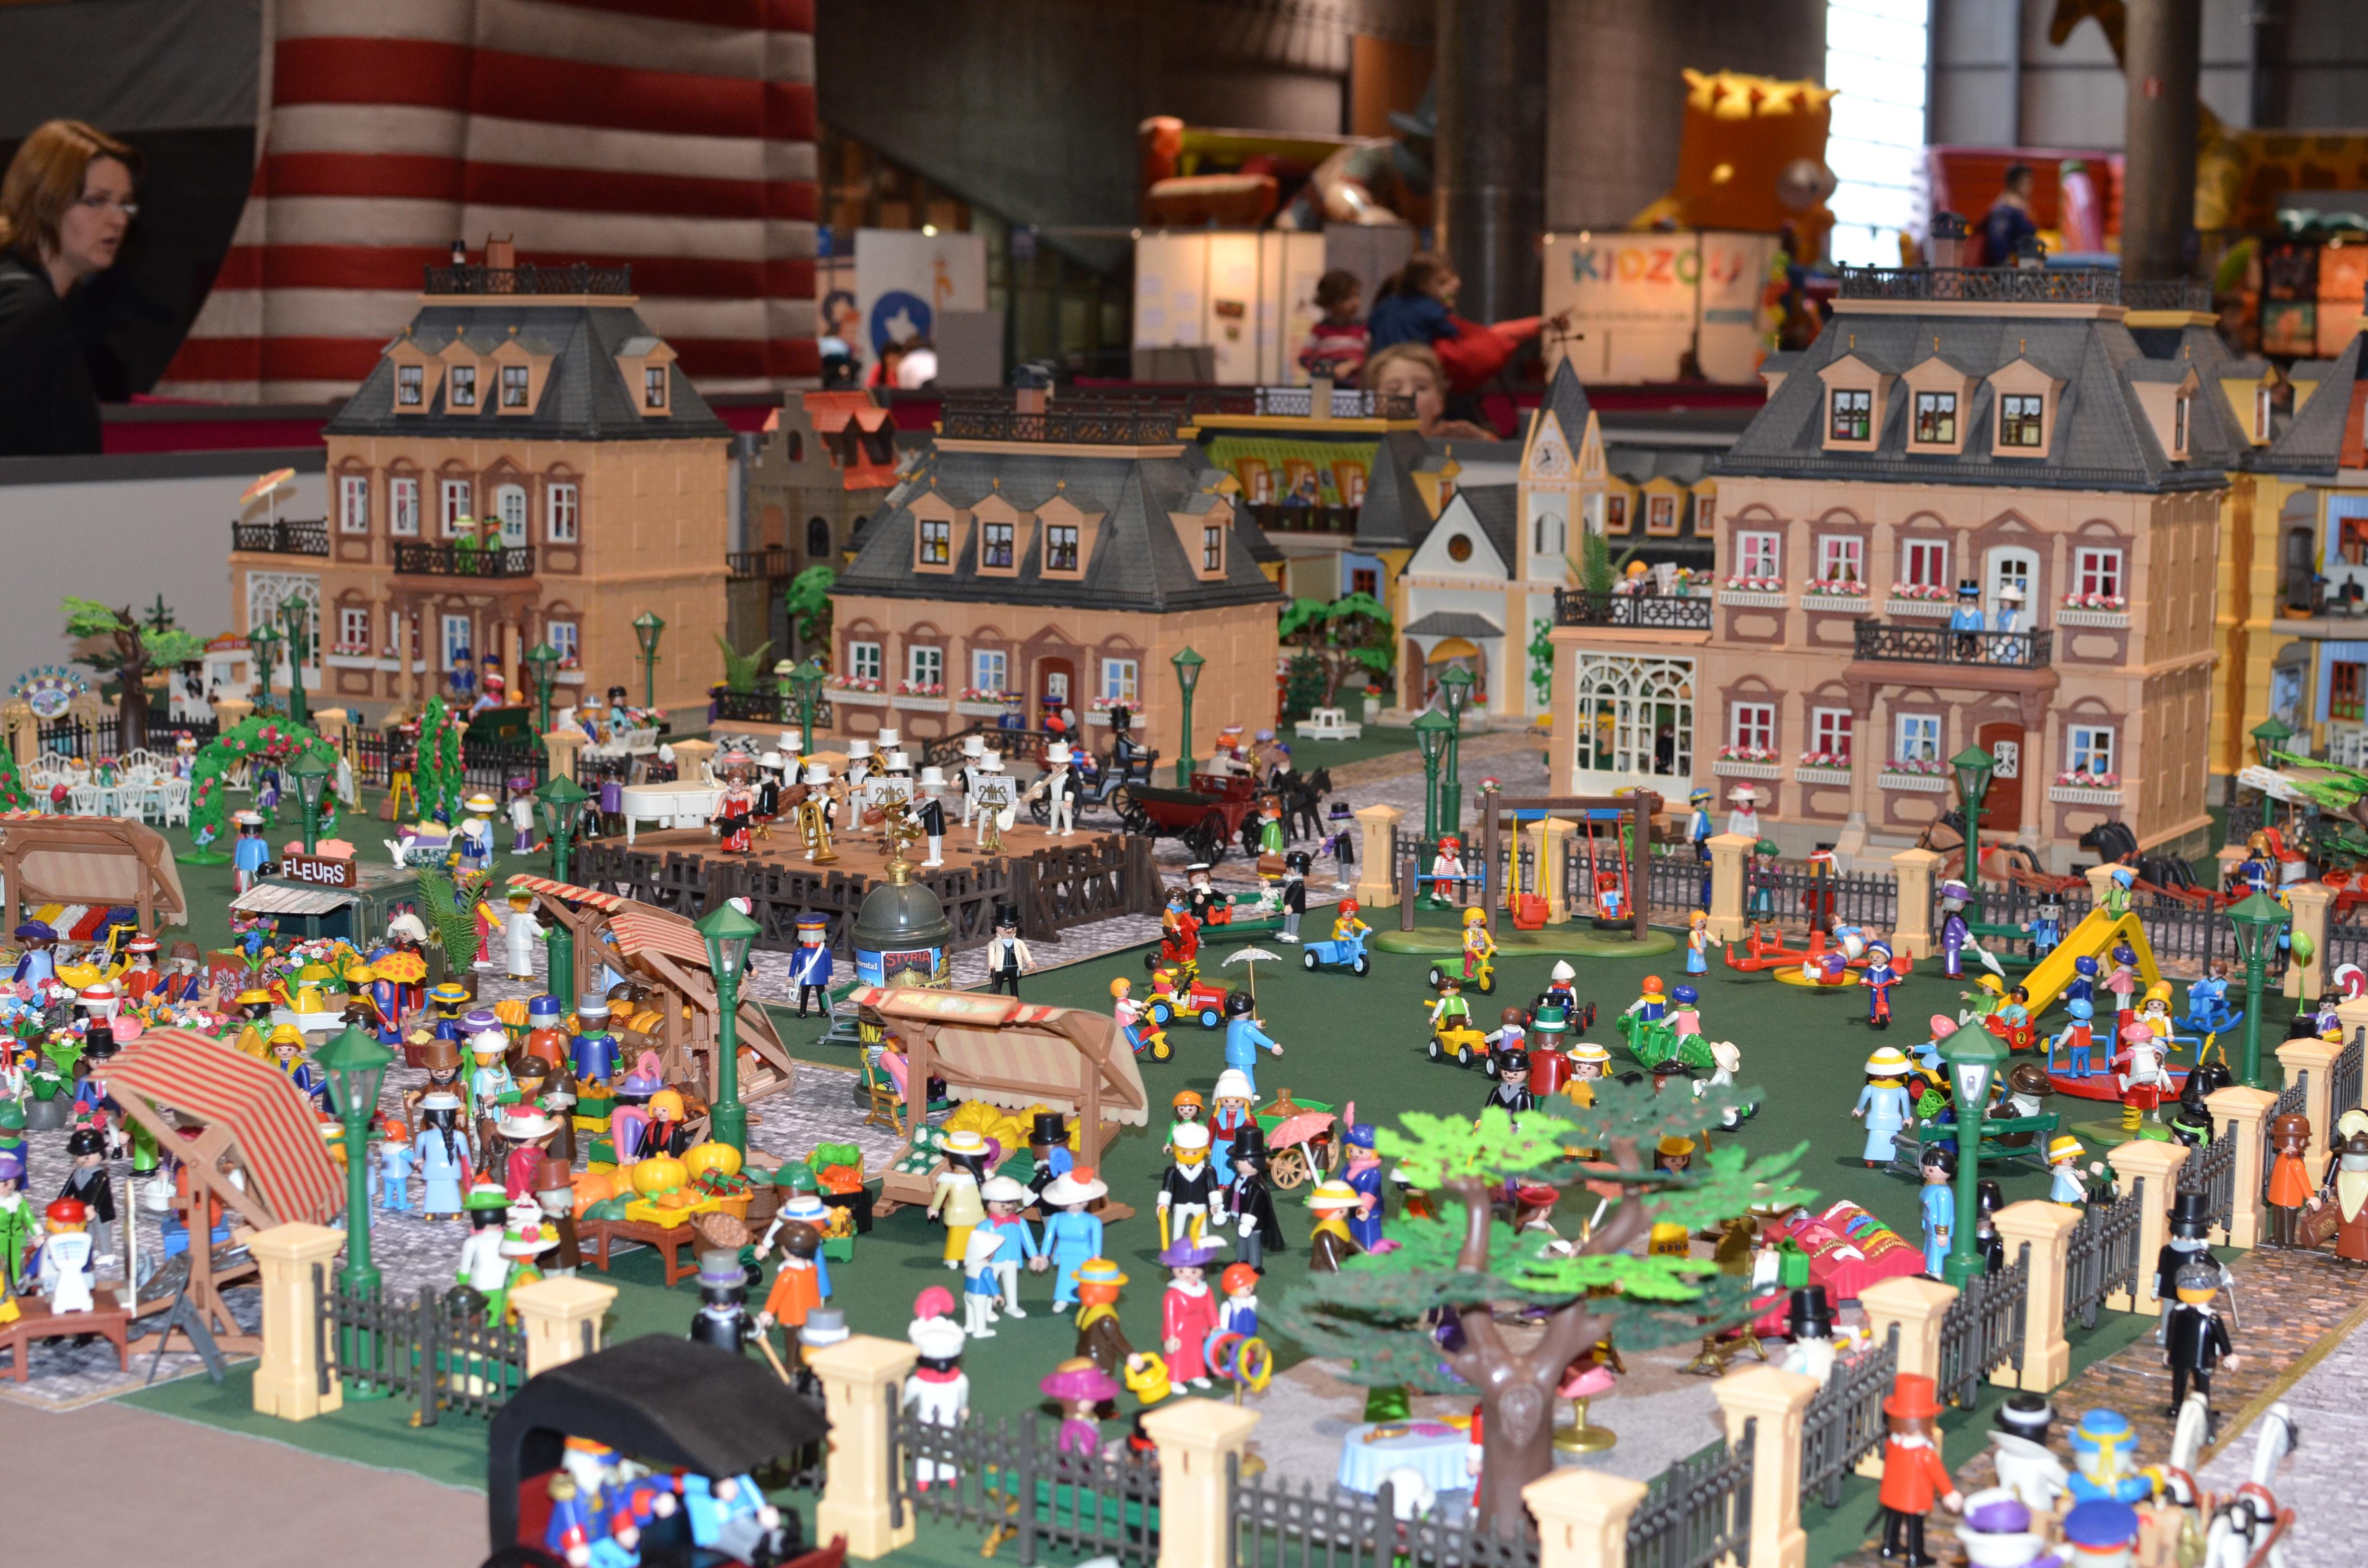 1200 figurines playmobil dans le cirque kids parc - Toute les maison playmobil ...